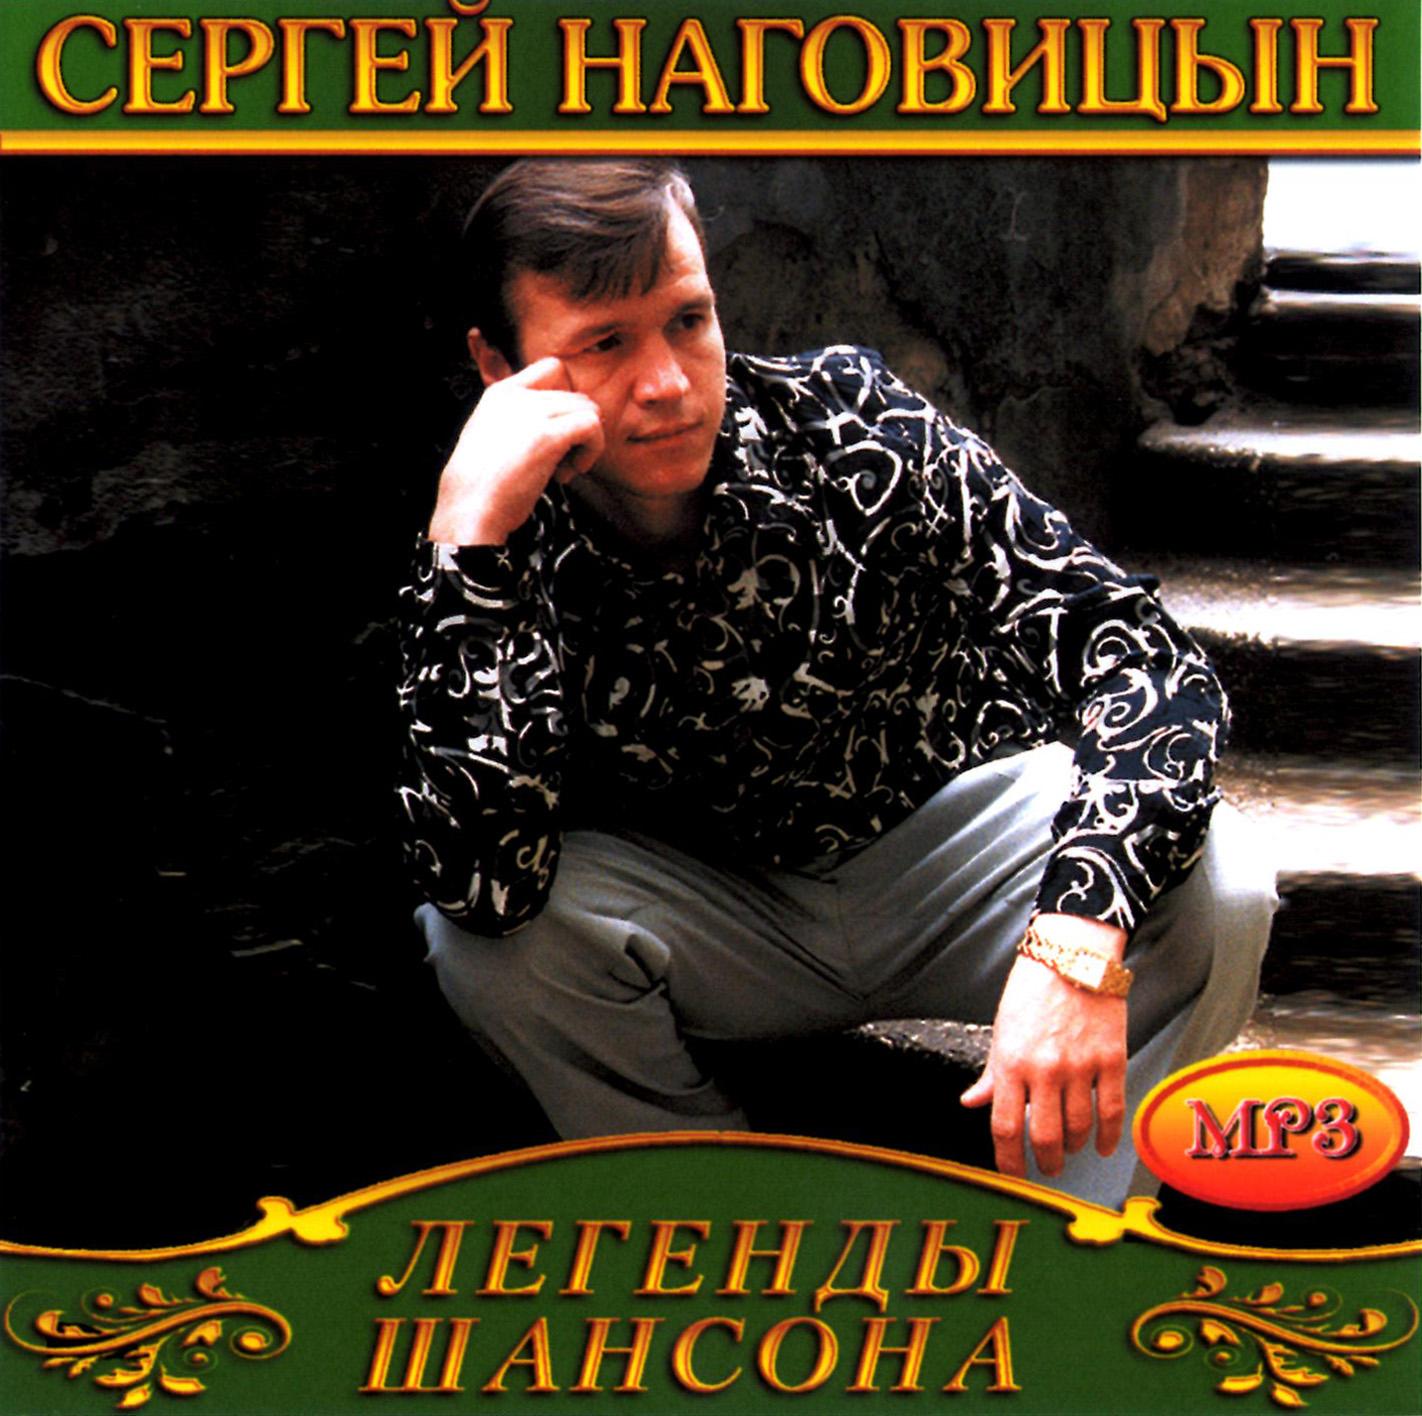 Сергей Наговицын [mp3]